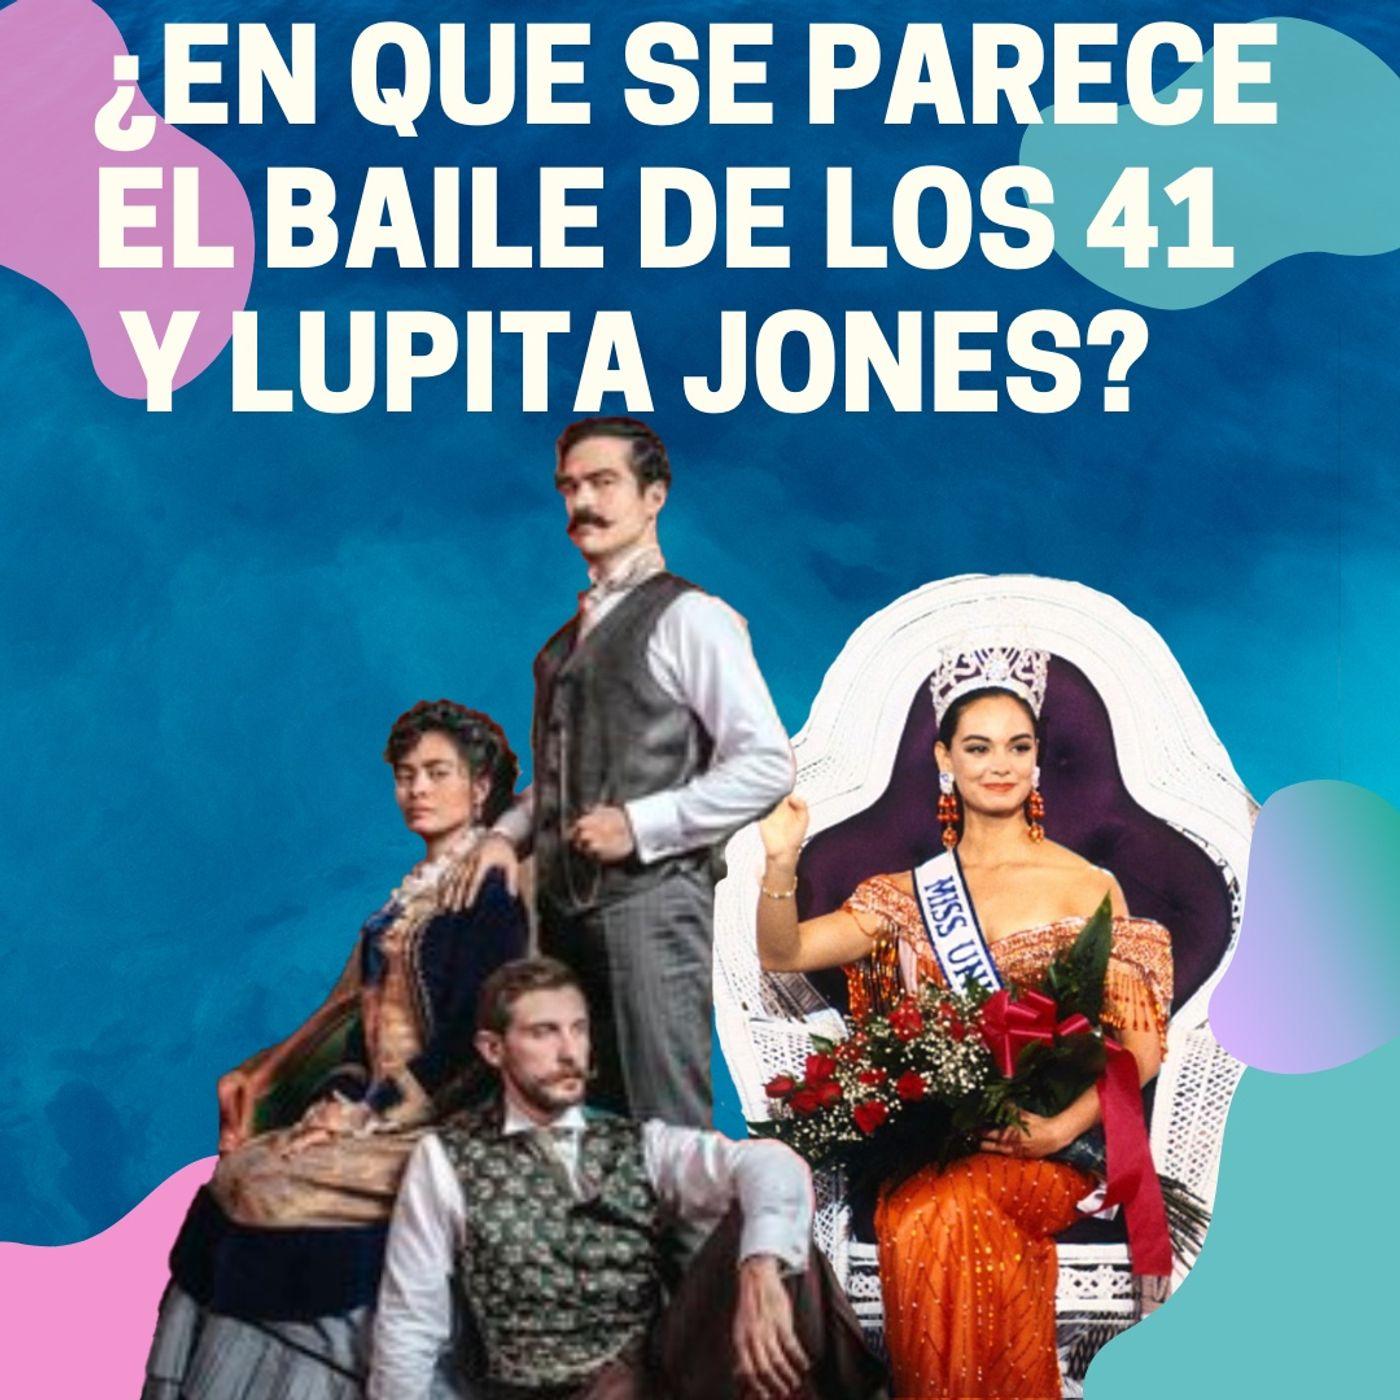 28. ¿En que se parece la película de El baile de los 41 y Lupita Jones?